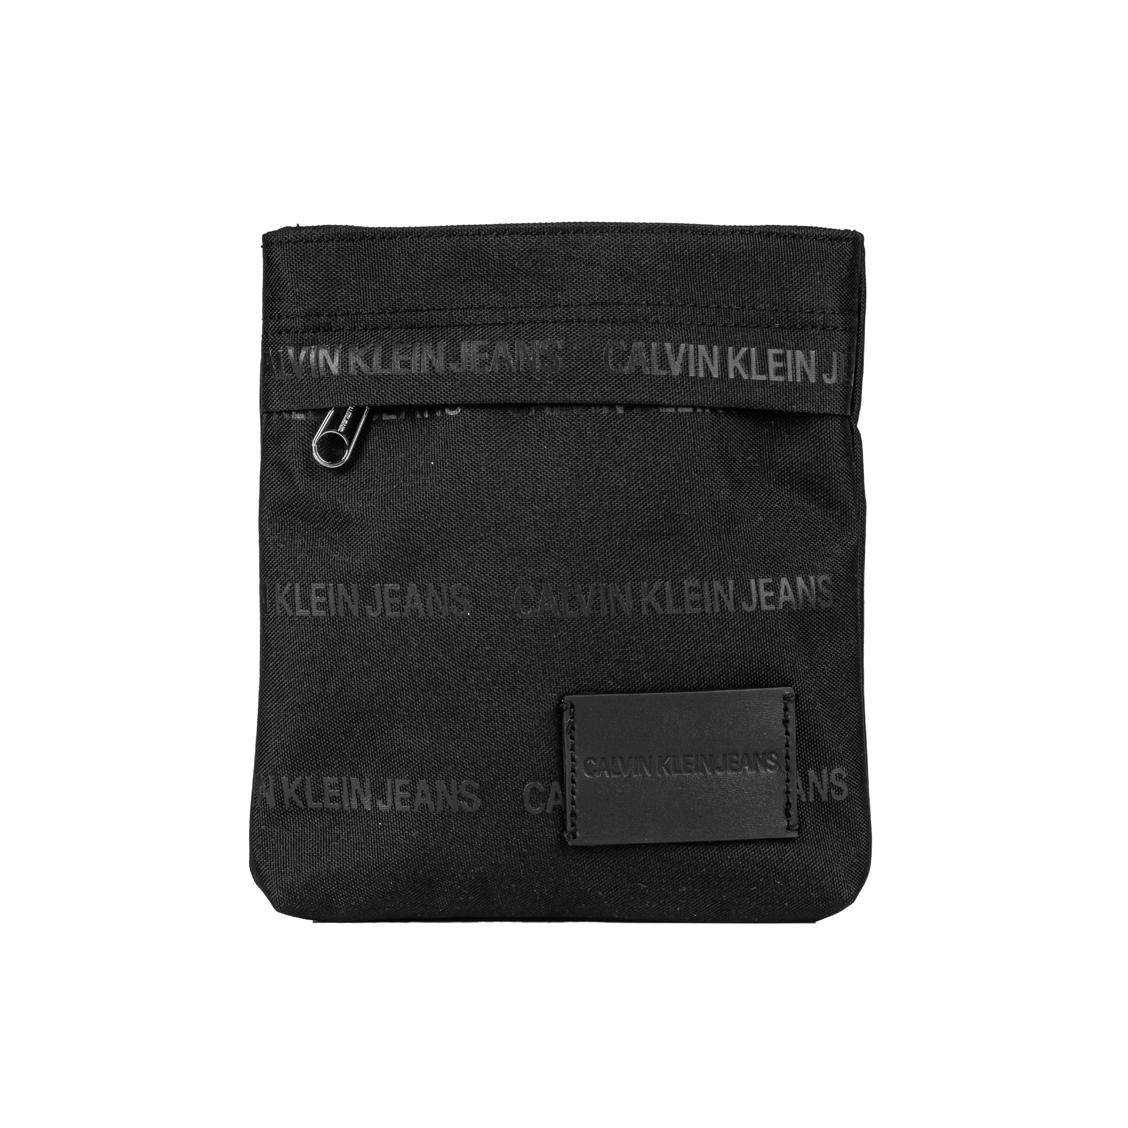 Sacoche calvin klein jeans essential micro porté croisé en toile noire, floquée de la marque